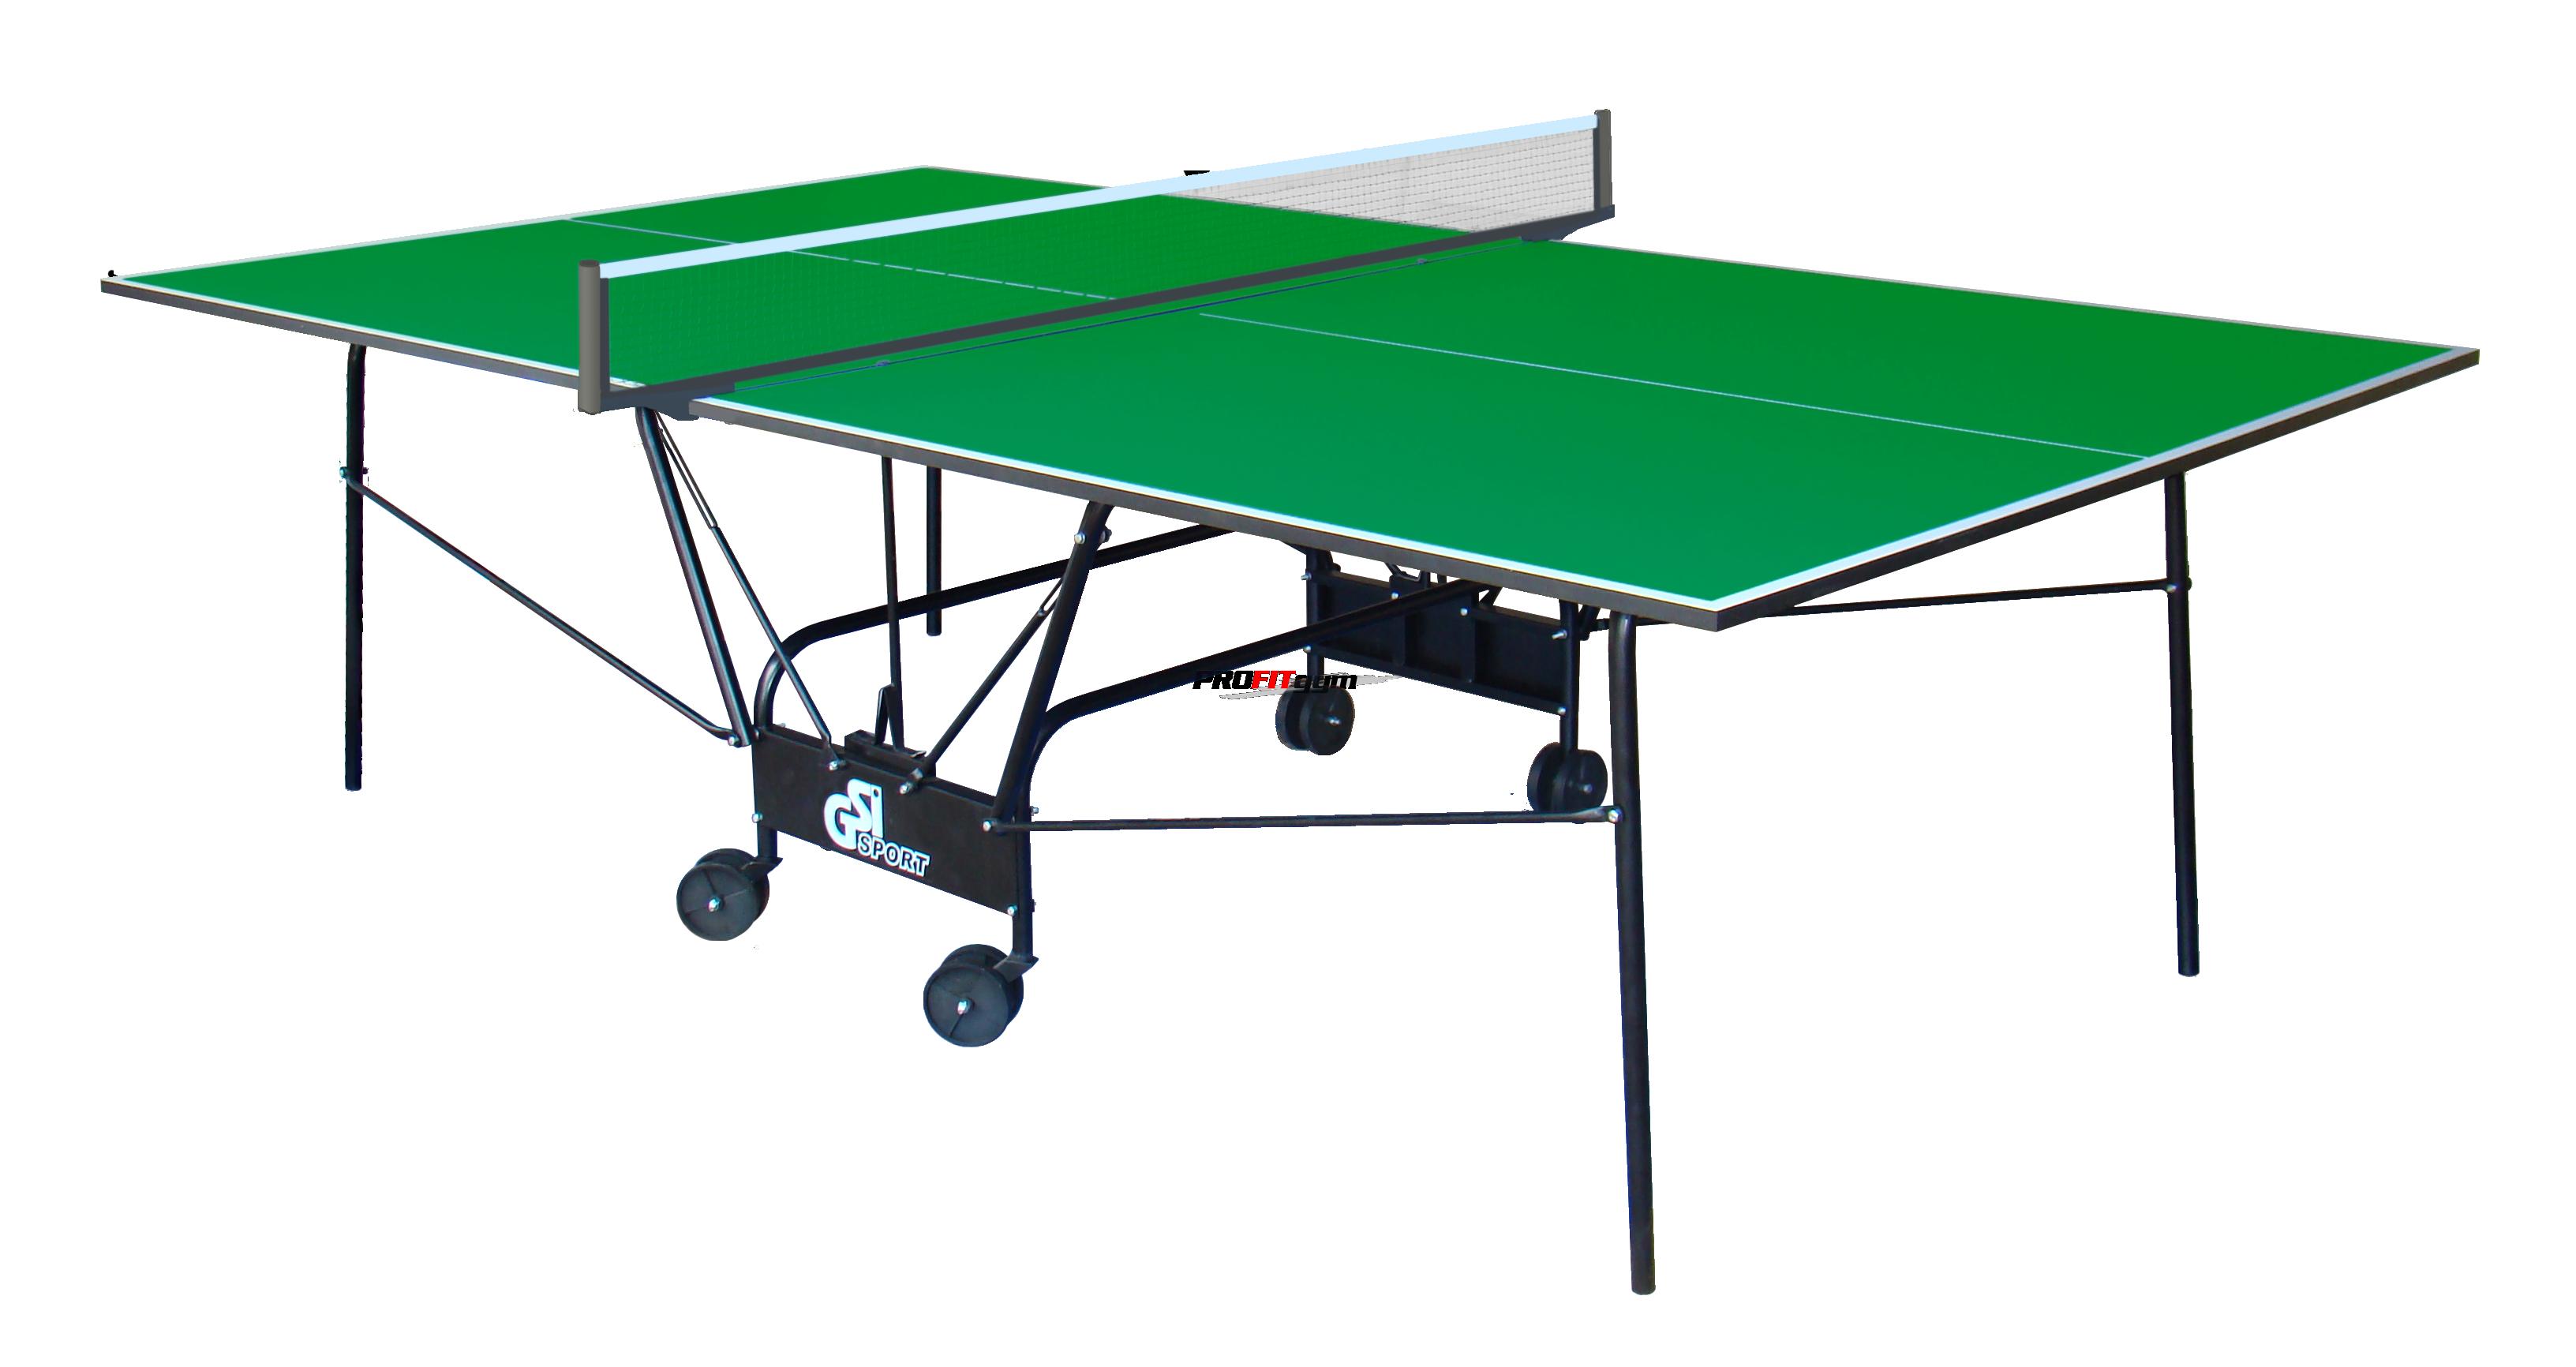 Теннисный стол для помещений Compact Light (зеленый) Gp-4